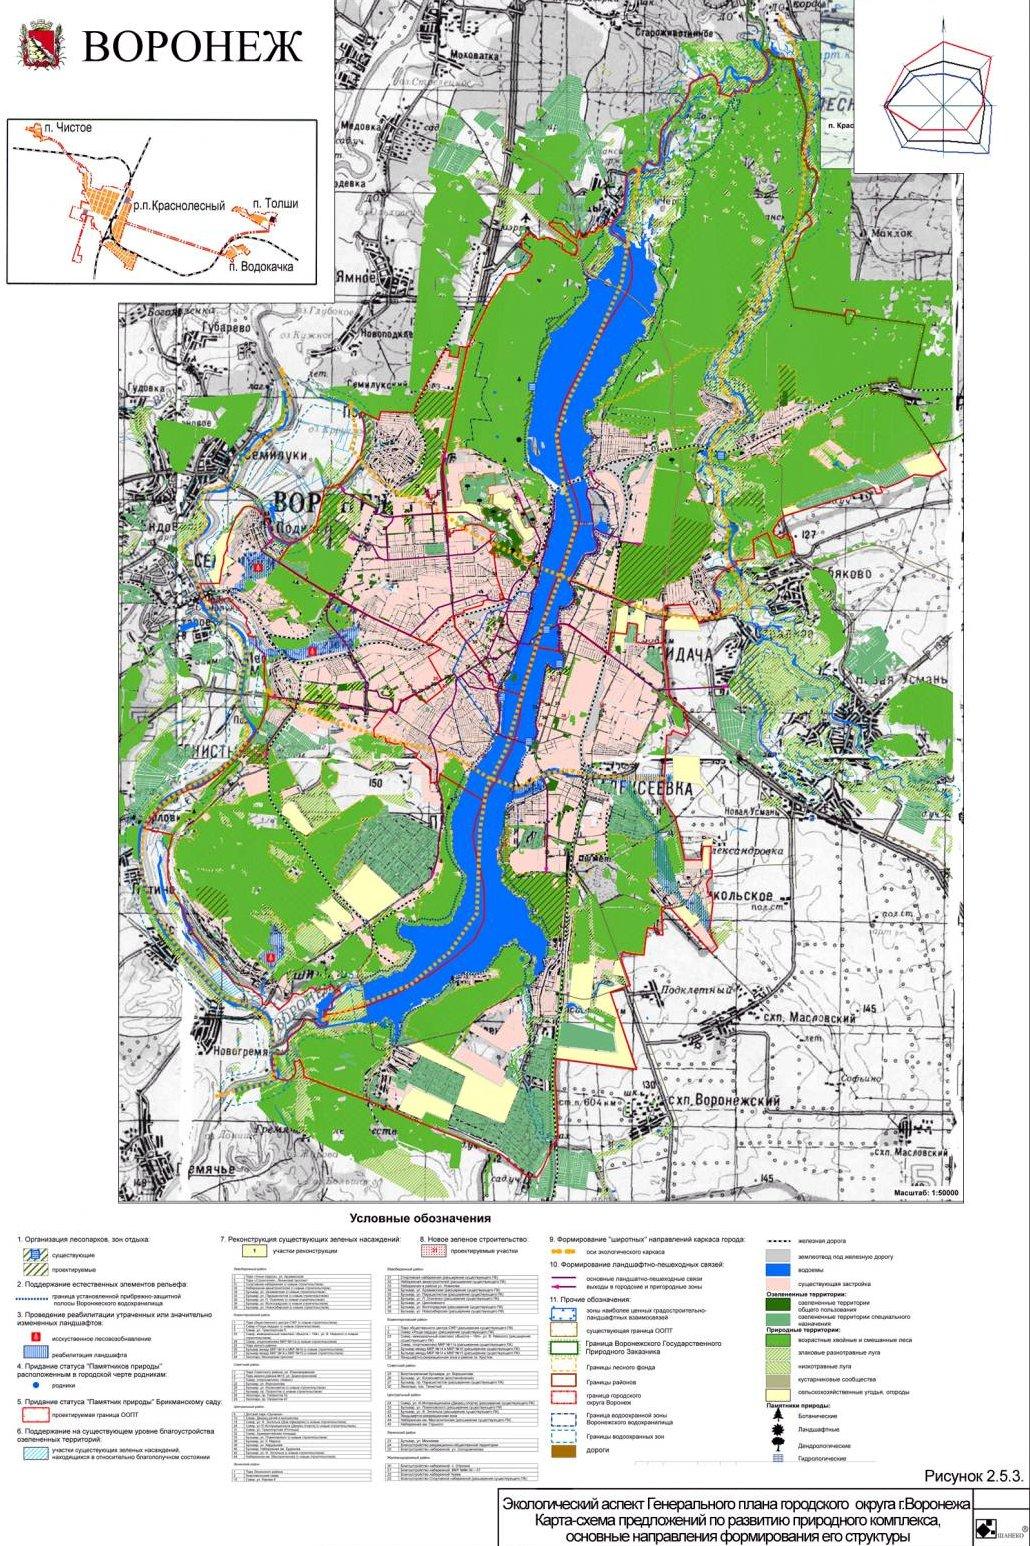 Карта-схема предложений по развитию природного комплекса, основные направления формирования его структуры